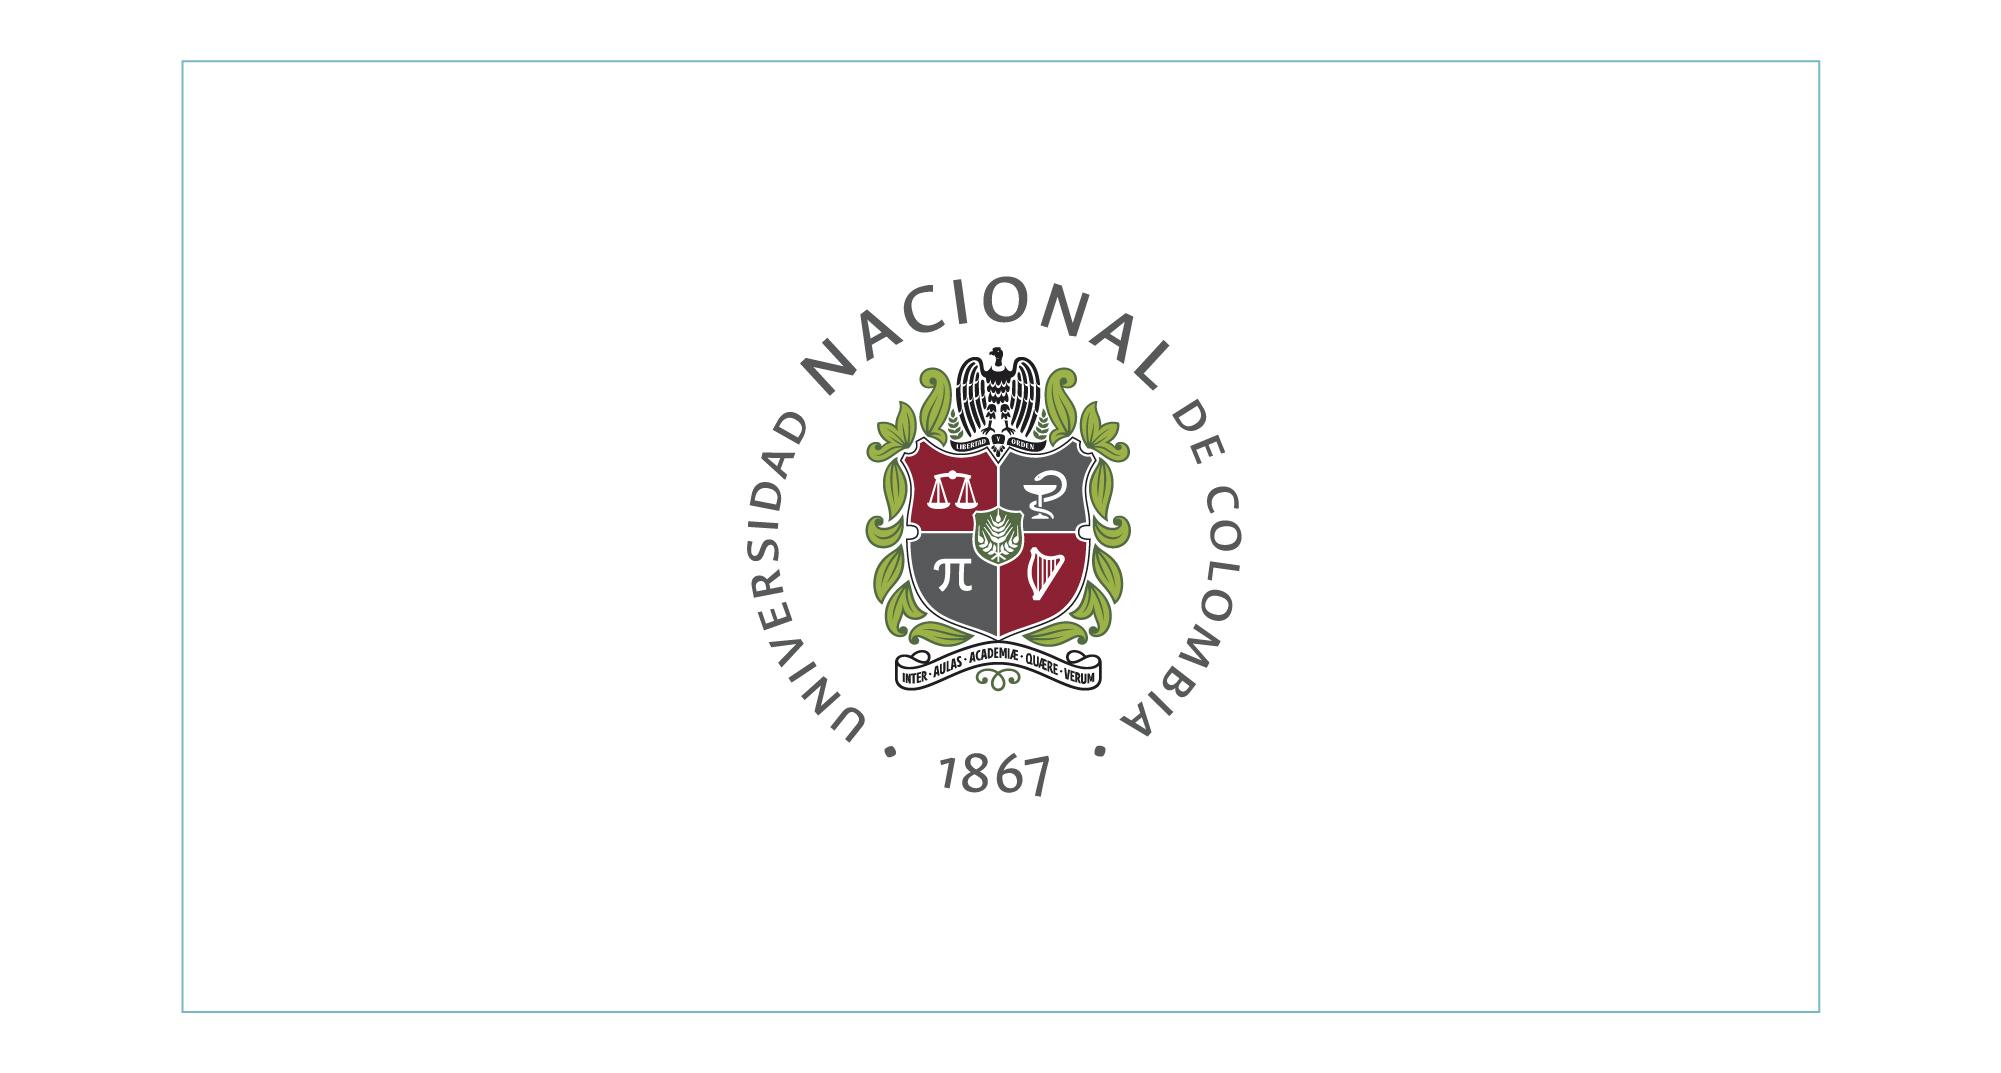 Bandera Institucional